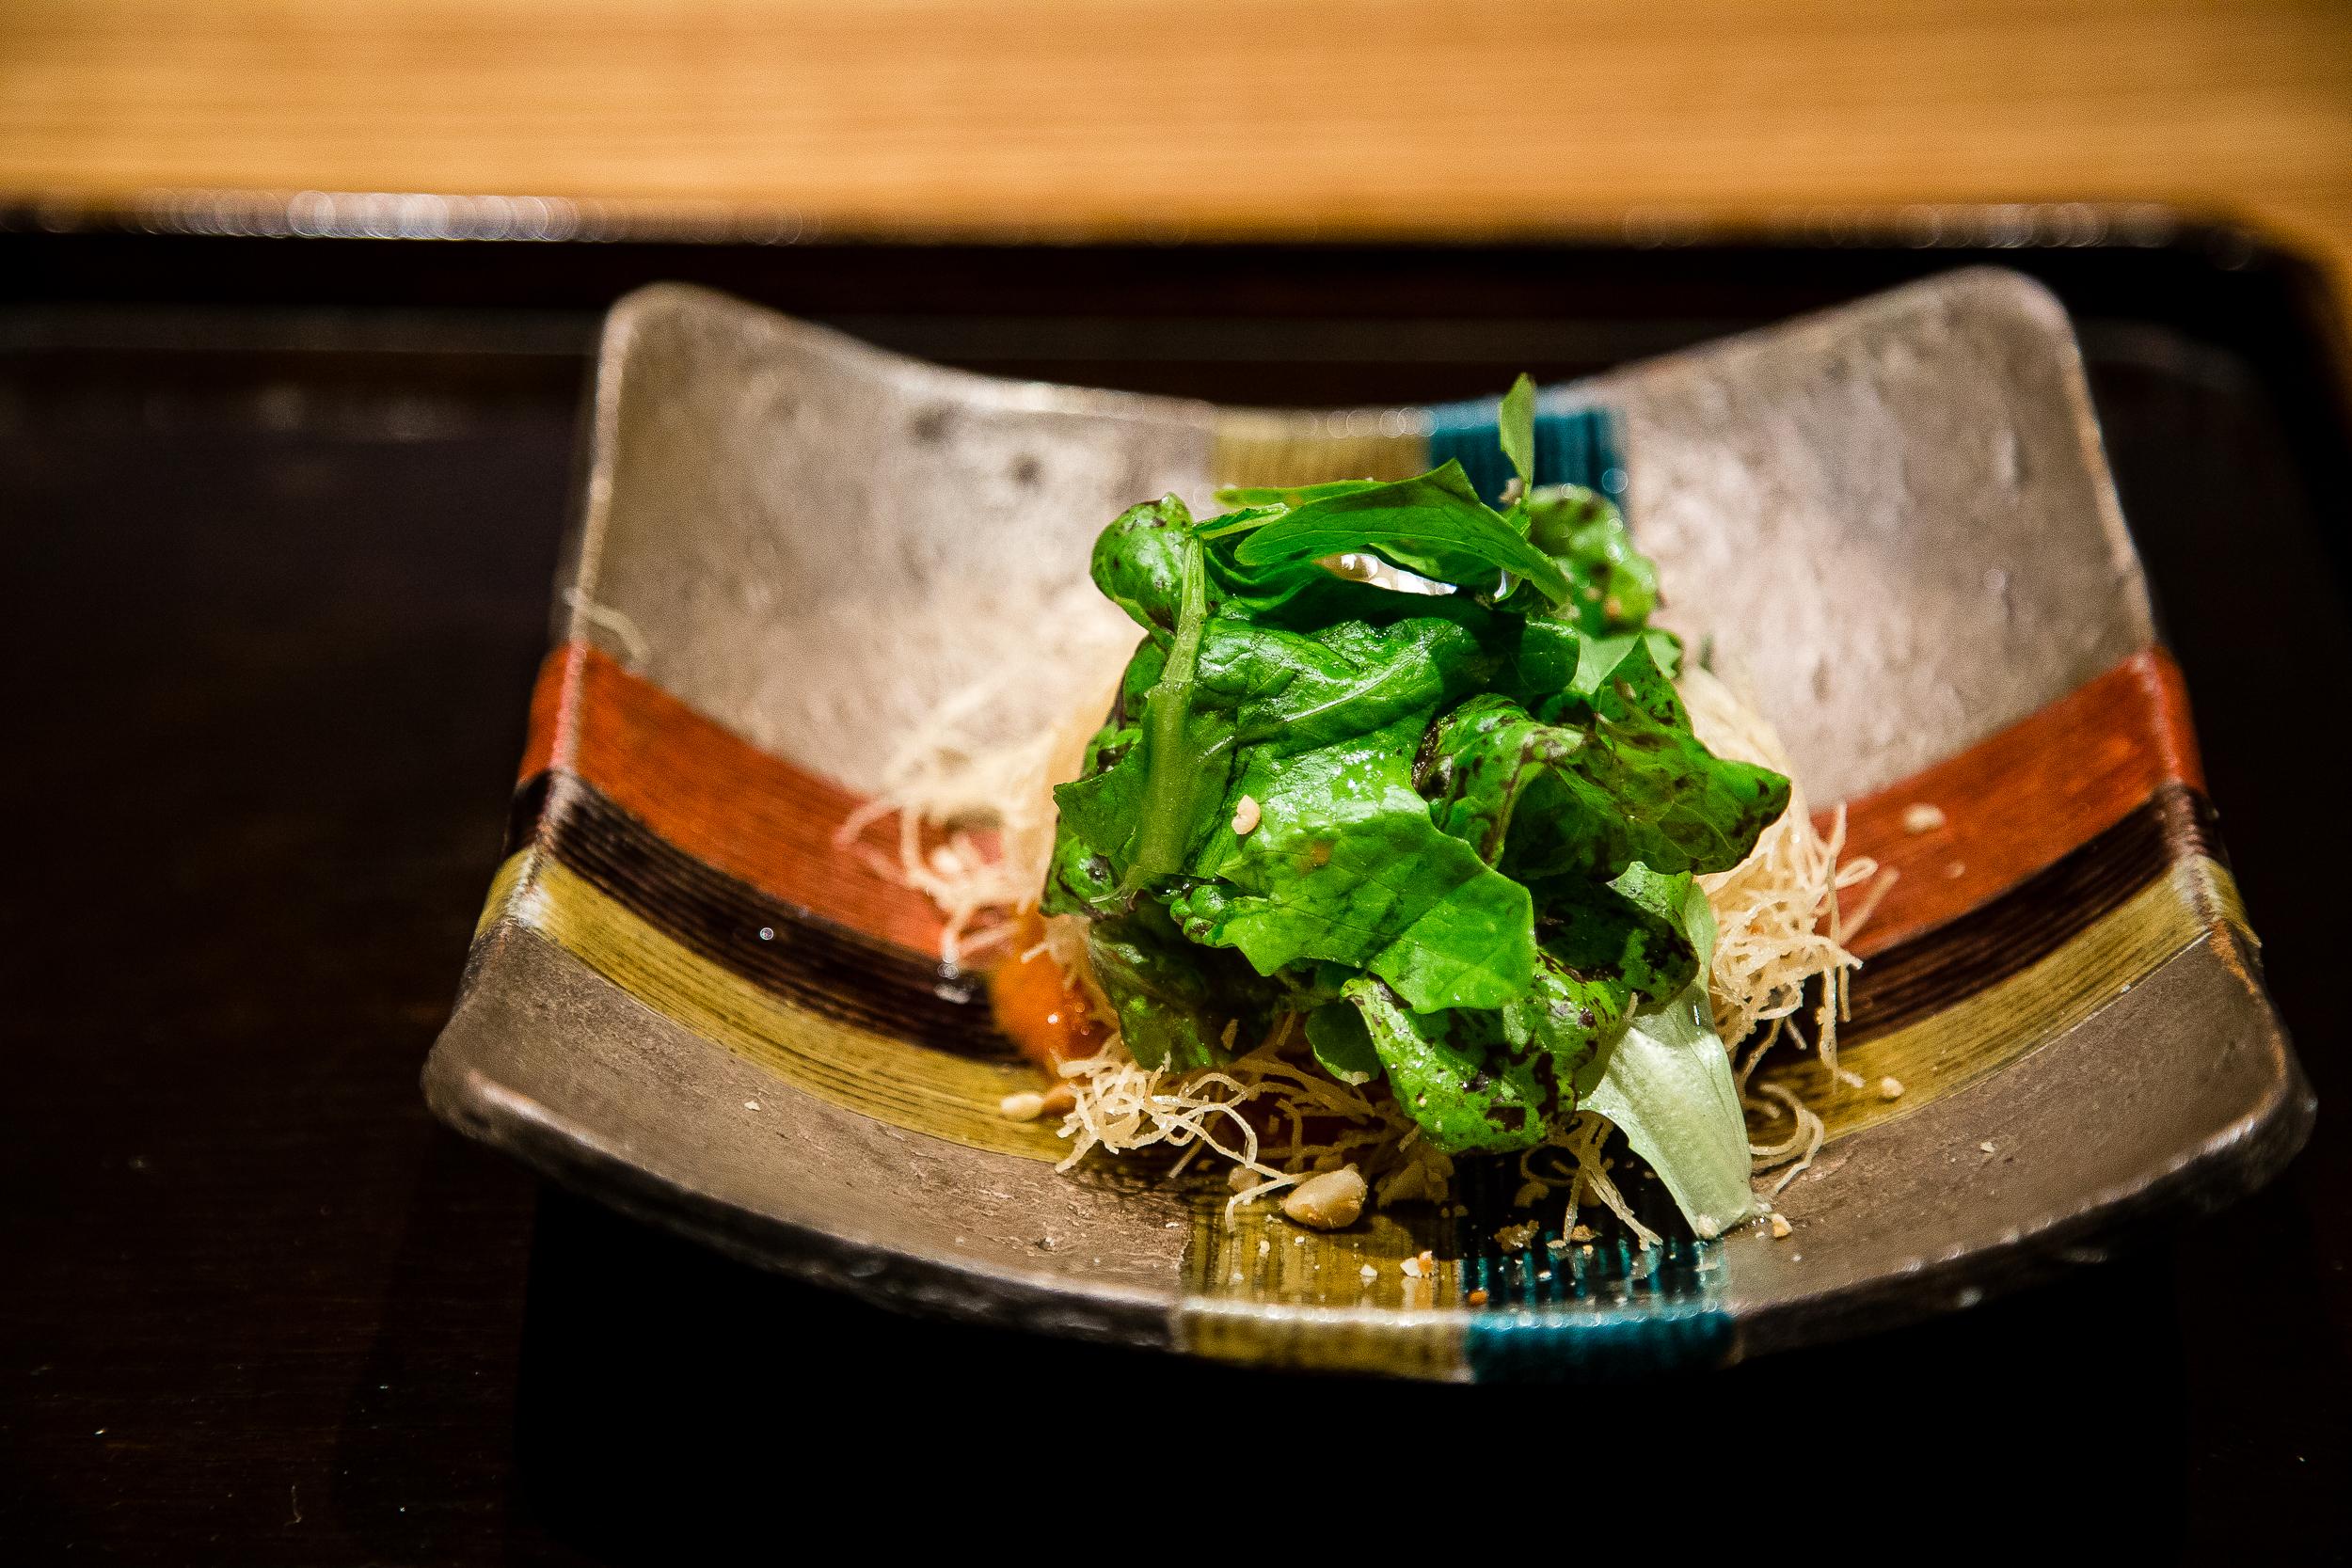 Artichoke, somen croquette with enoki, snow cabbage, lettuce, saffron, tomato